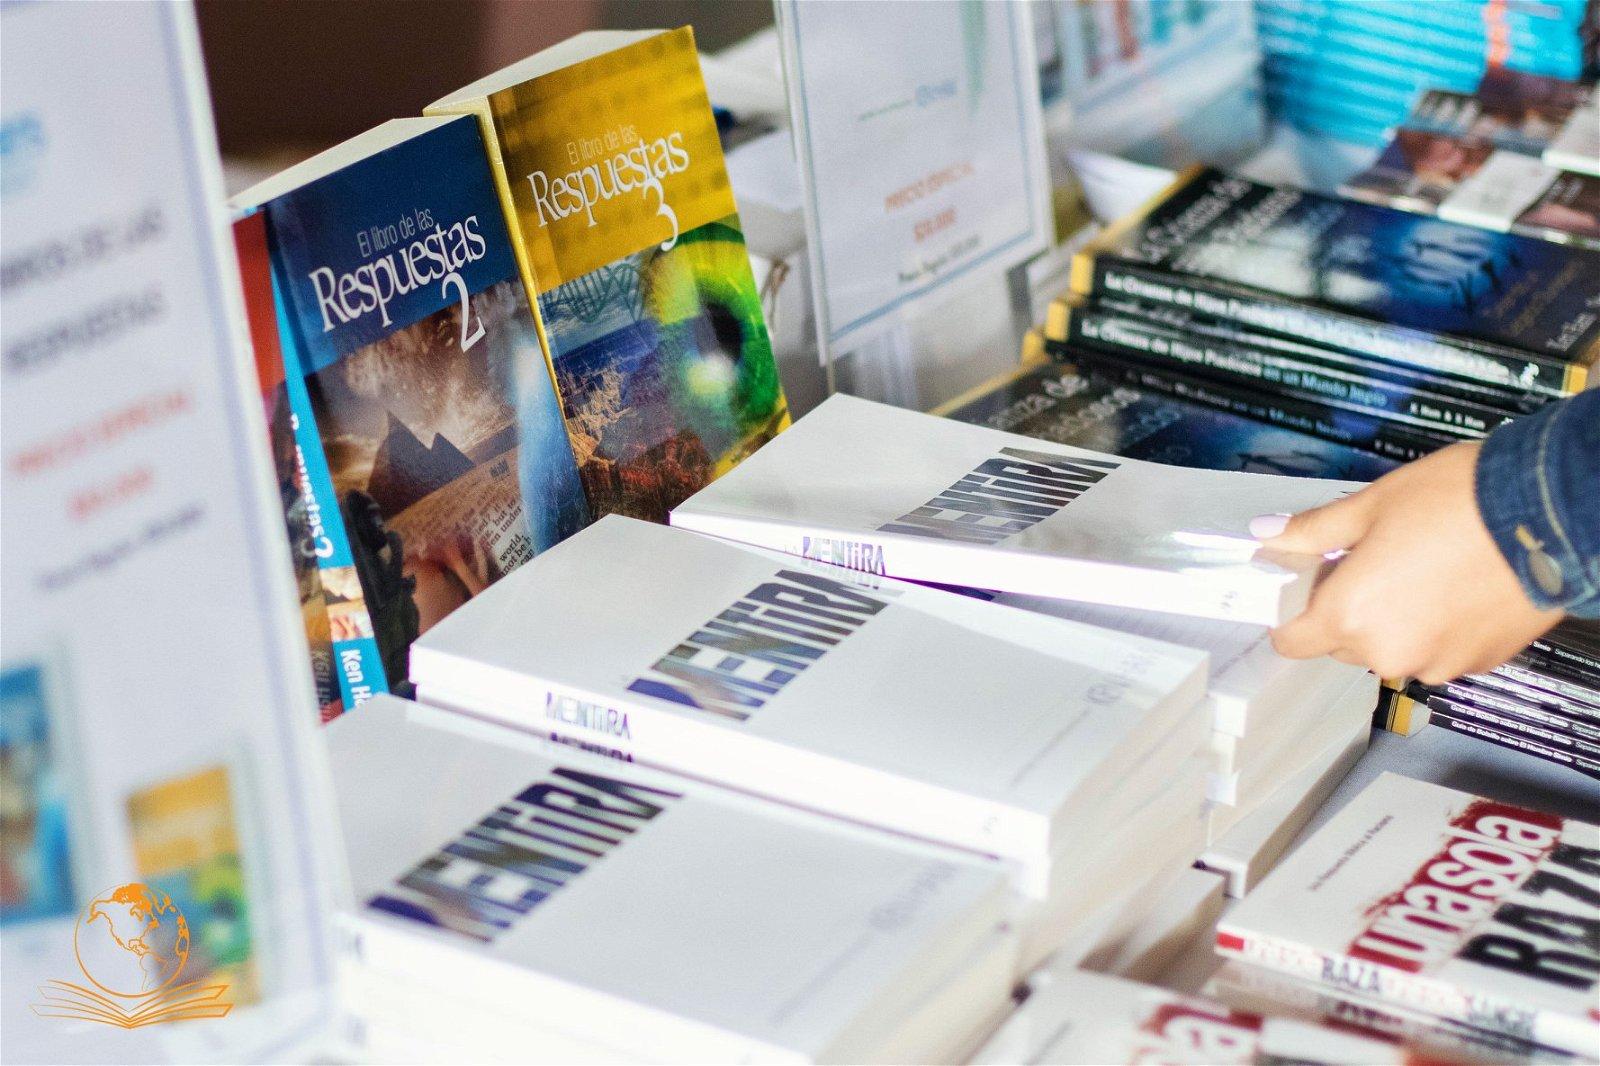 notas y varios libros de ReG en español